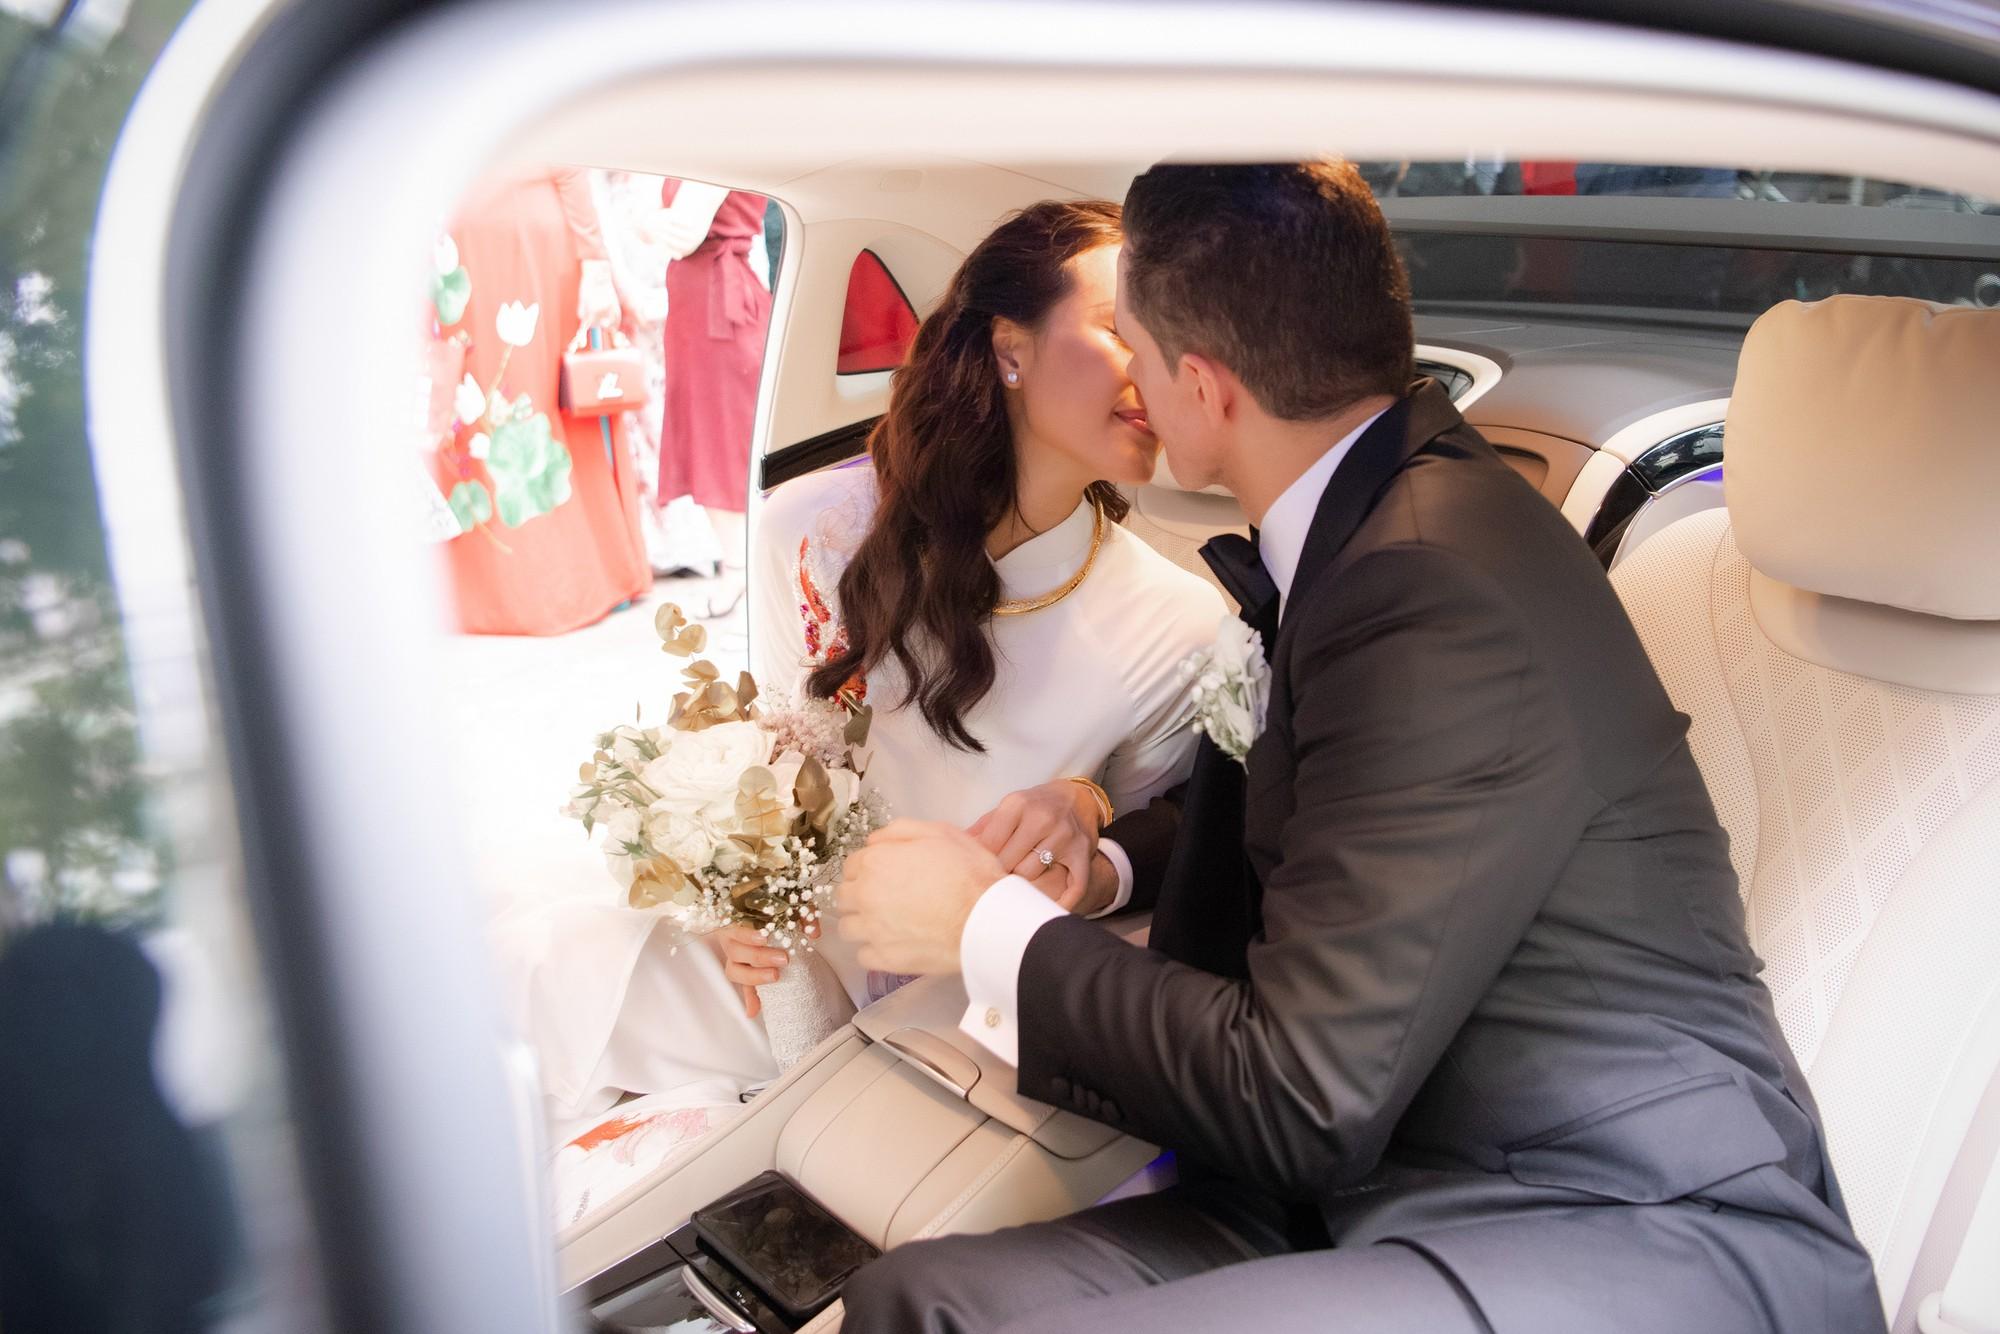 MC Phương Mai bật khóc xúc động, khoá môi ông xã Tây ngọt ngào trong ngày lên xe hoa về nhà chồng - Ảnh 12.